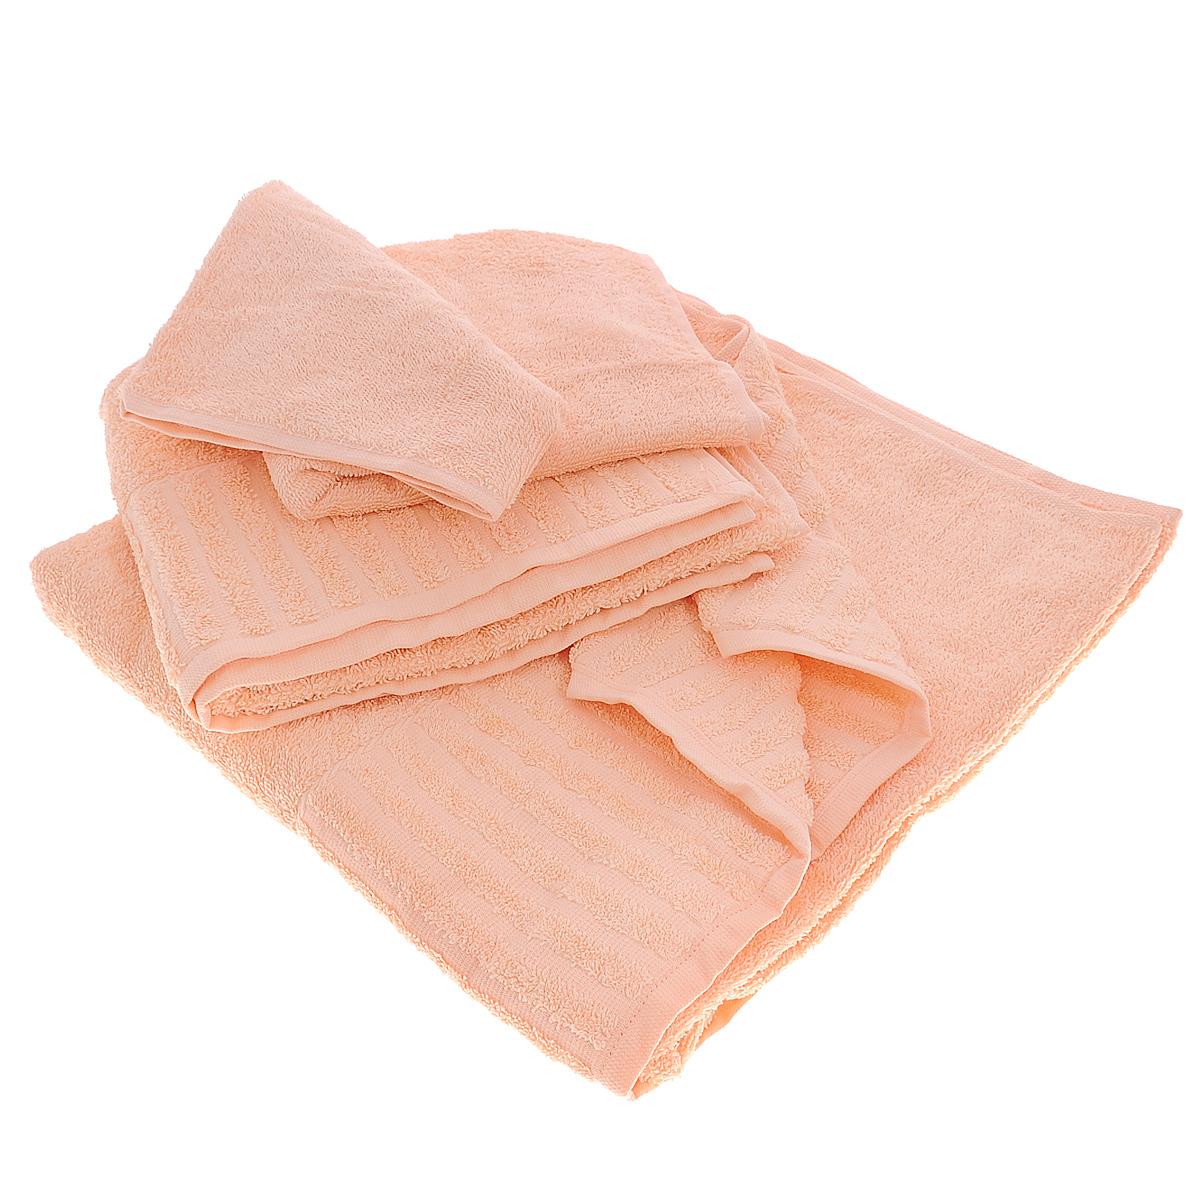 Набор махровых полотенец Bonita, цвет: персиковый, 3 штст450-2нсНабор Bonita состоит из трех полотенец разного размера, выполненных из натурального хлопка. Такие полотенца отлично впитывают влагу, быстро сохнут, сохраняют яркость цвета и не теряют формы даже после многократных стирок. Полотенца очень практичны и неприхотливы в уходе. Размер полотенец: 40 см х 70 см; 50 см х 90 см; 70 см х 140 см.